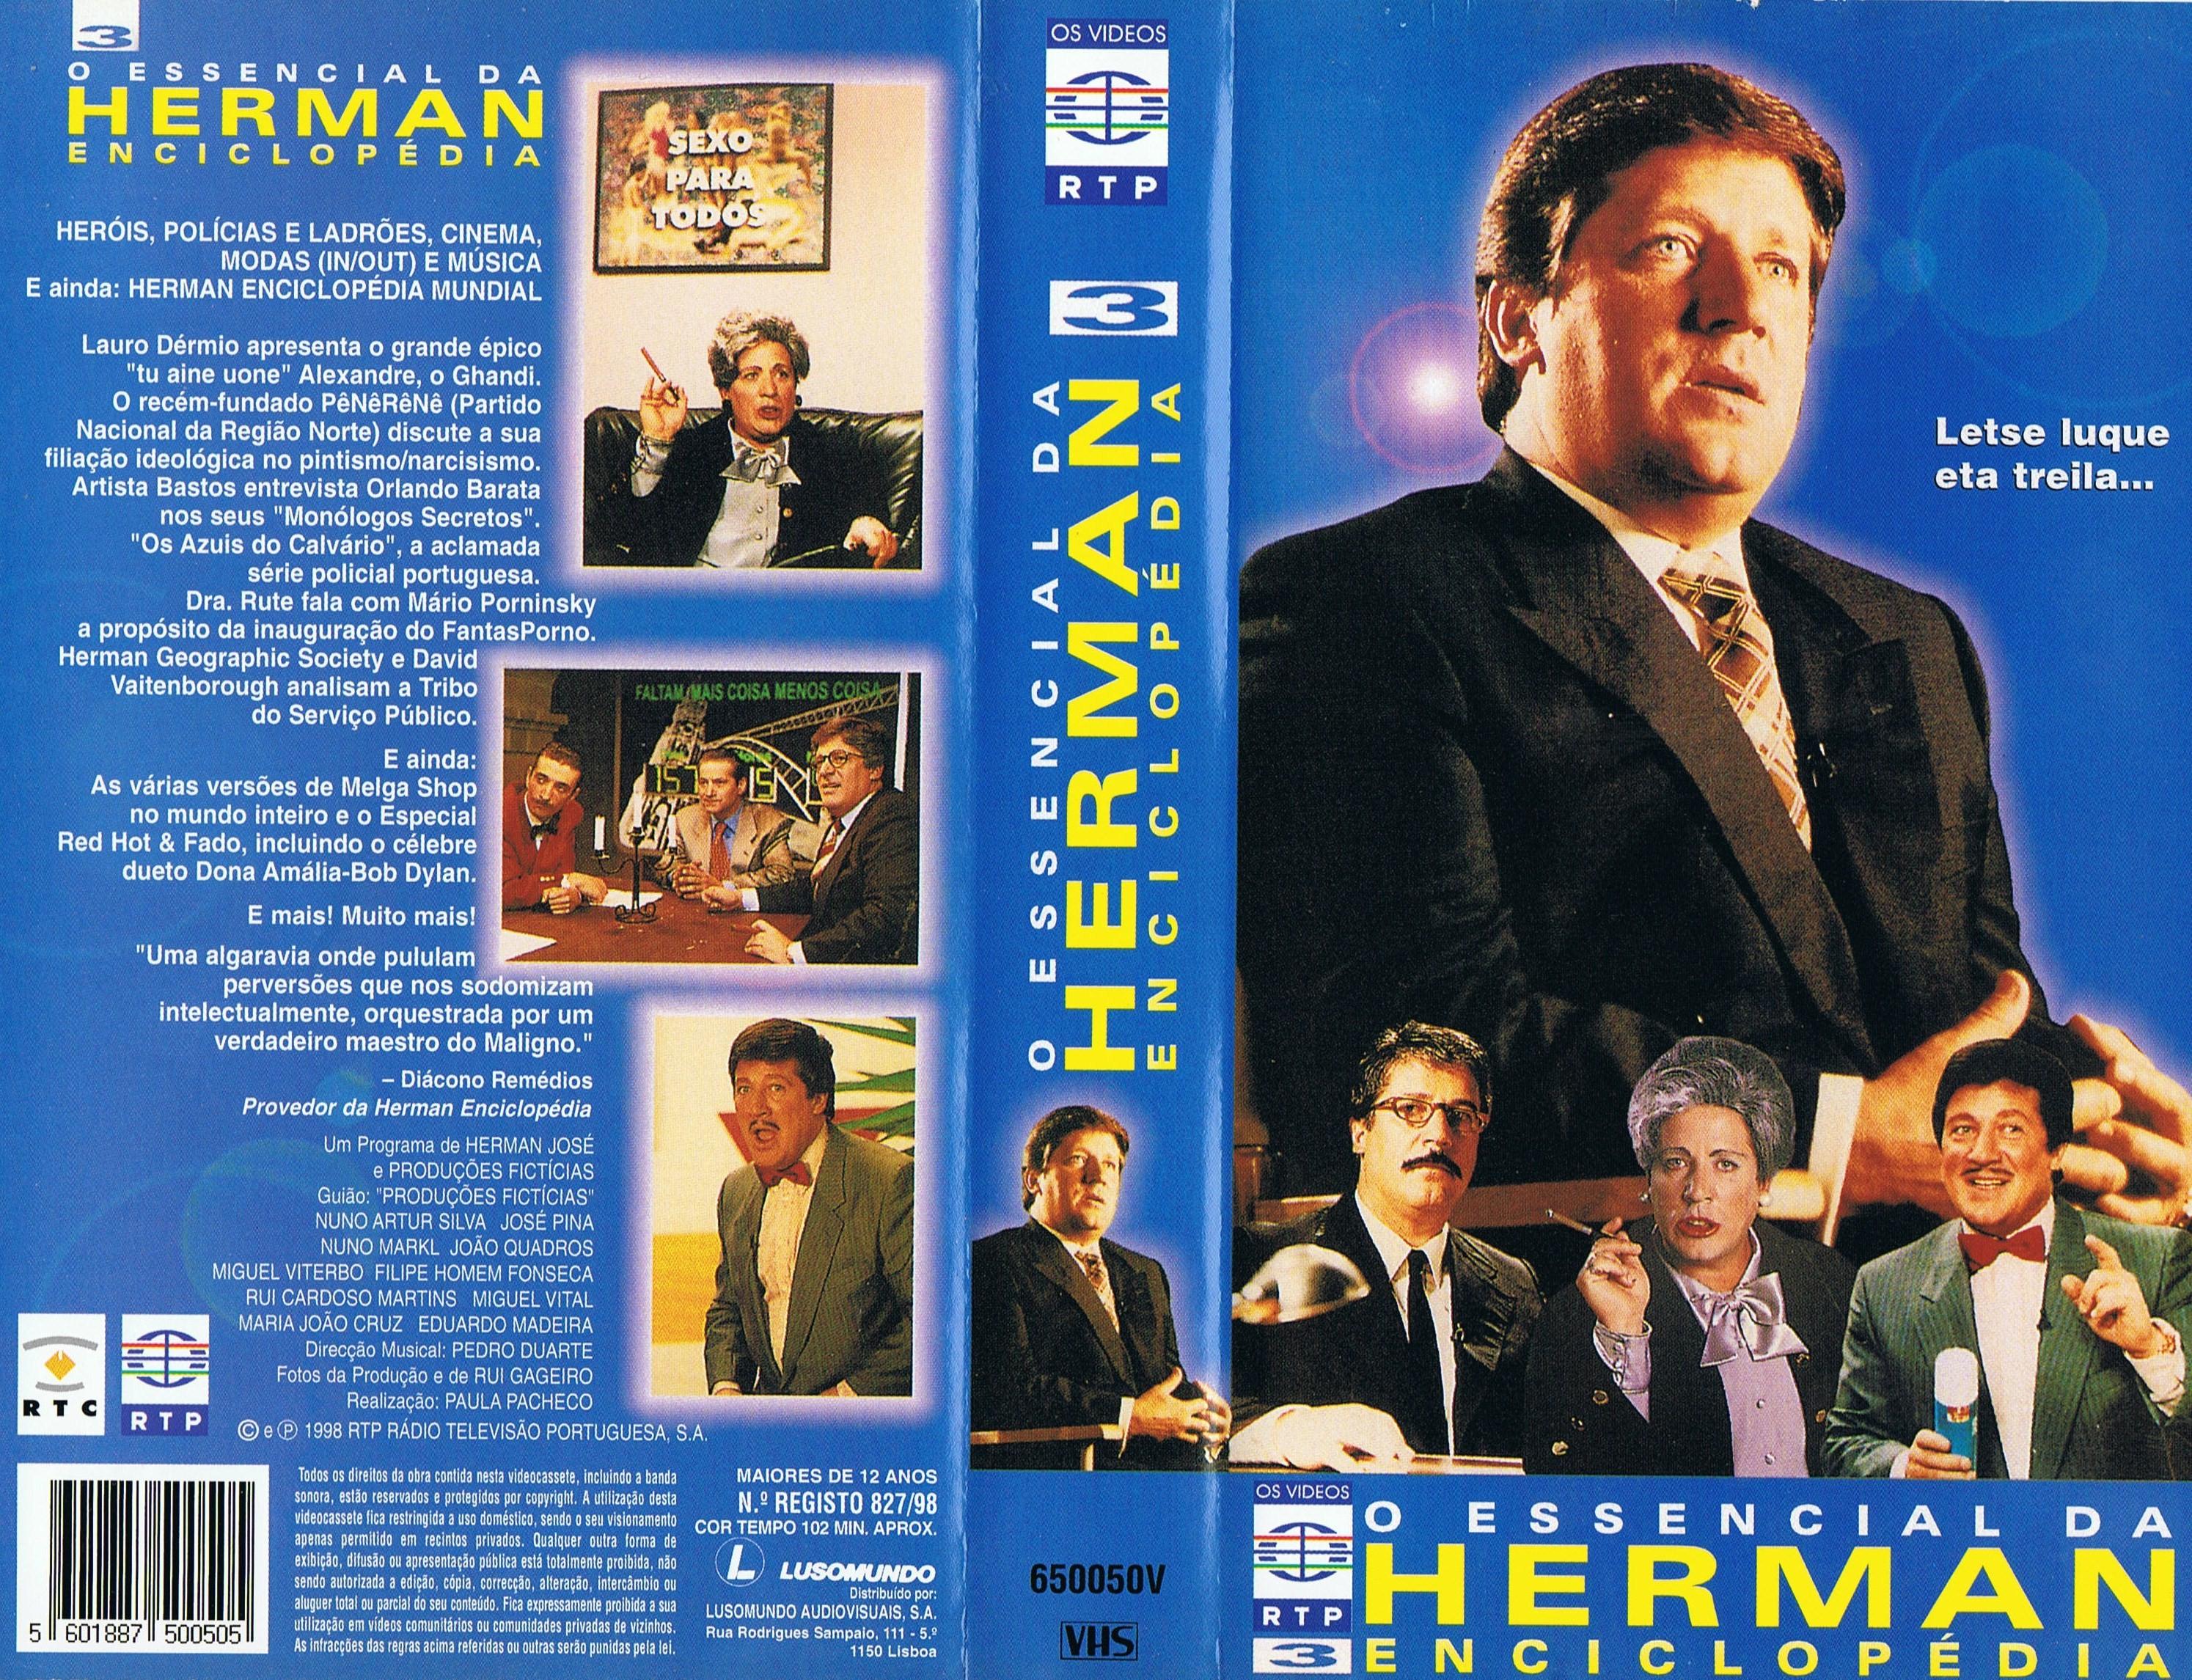 Herman Enciclopedia